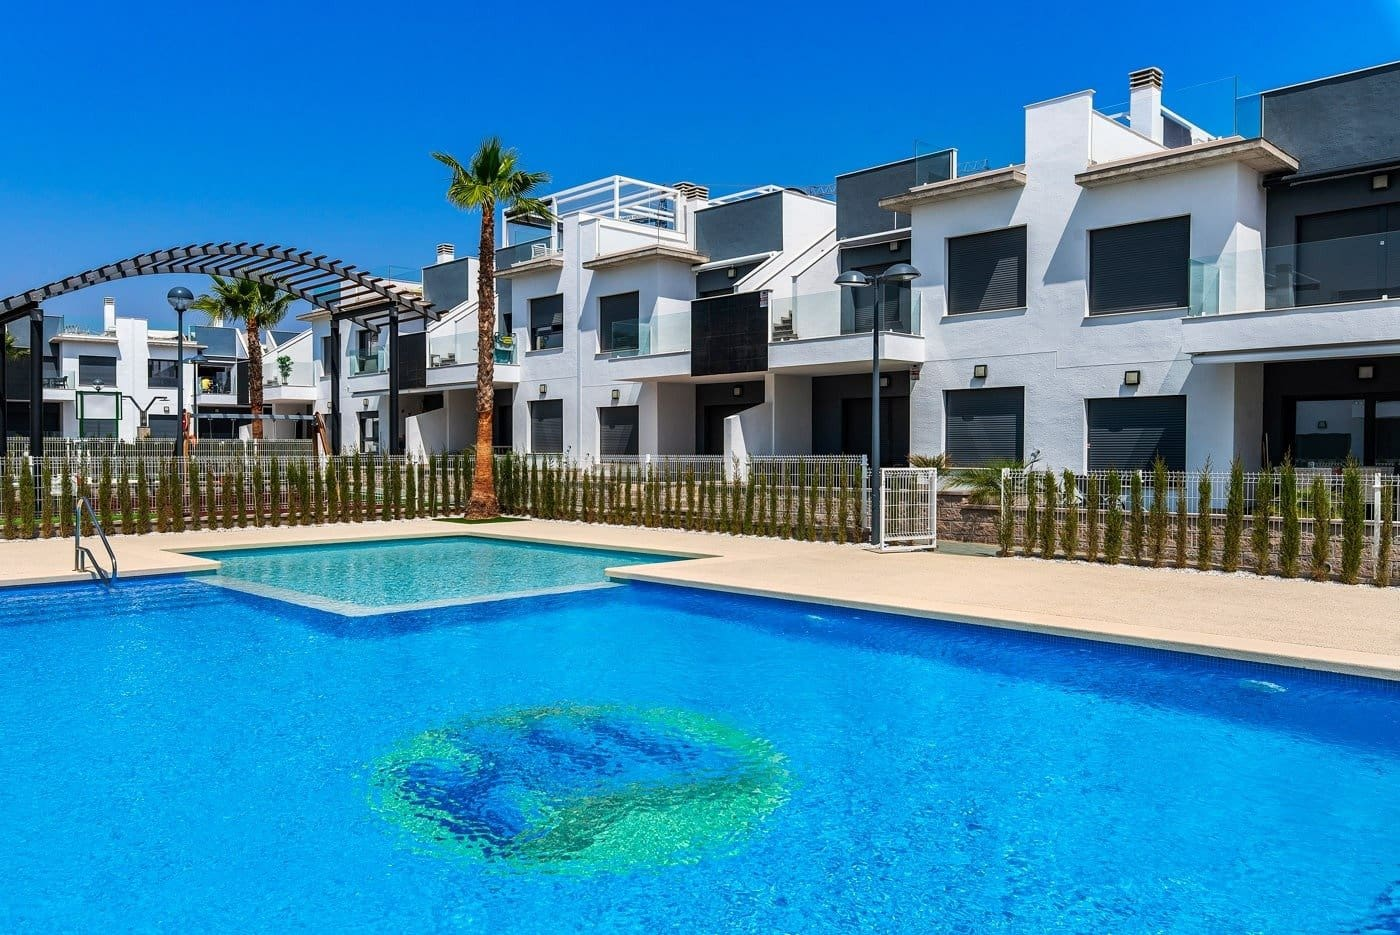 Adosado de 2 habitaciones en Pilar de la Horadada en venta con piscina - 159.900 € (Ref: 3140034)